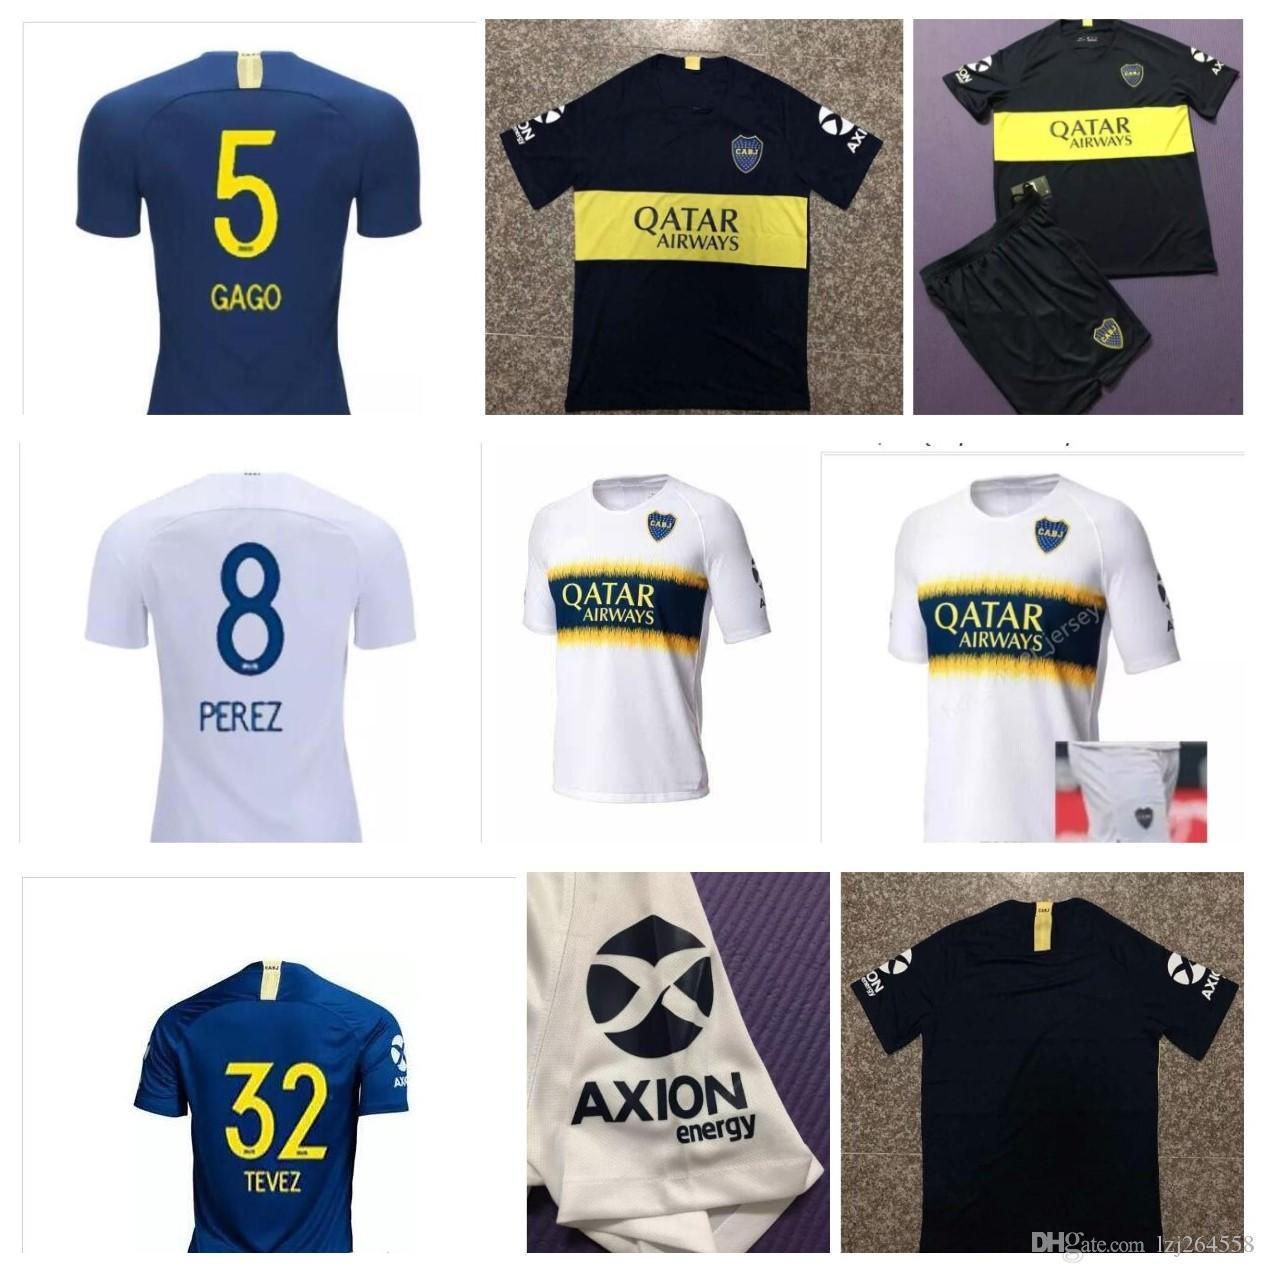 b601a2dd30767 Compre Novo 2018 Camisa Boca Juniors Jersey 2019 Camisas De Futebol Camisa  De Futebol GALO OSVALDO Uniforms Camisetas De Futebol TOP TEVEZ  Personalizado De ...